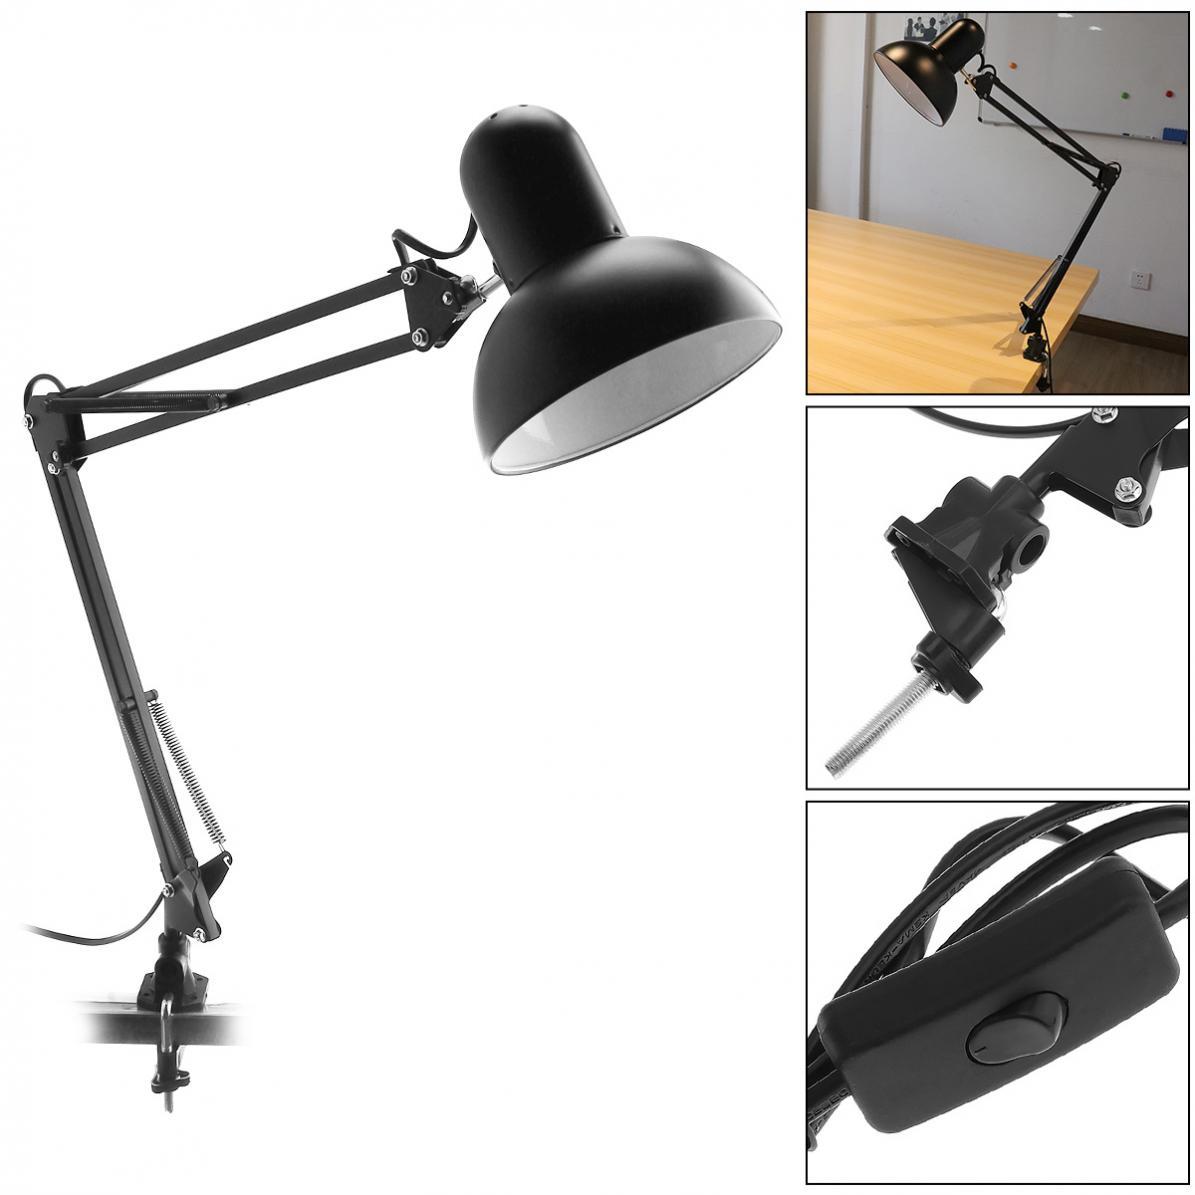 Flexible Schreibtisch Augenschutz Lampe Mit Drehbare Lampe Kopf Und Clamp Montieren Unterstützung 360 Grad Rotation Für Büro/home Neueste Technik Licht & Beleuchtung